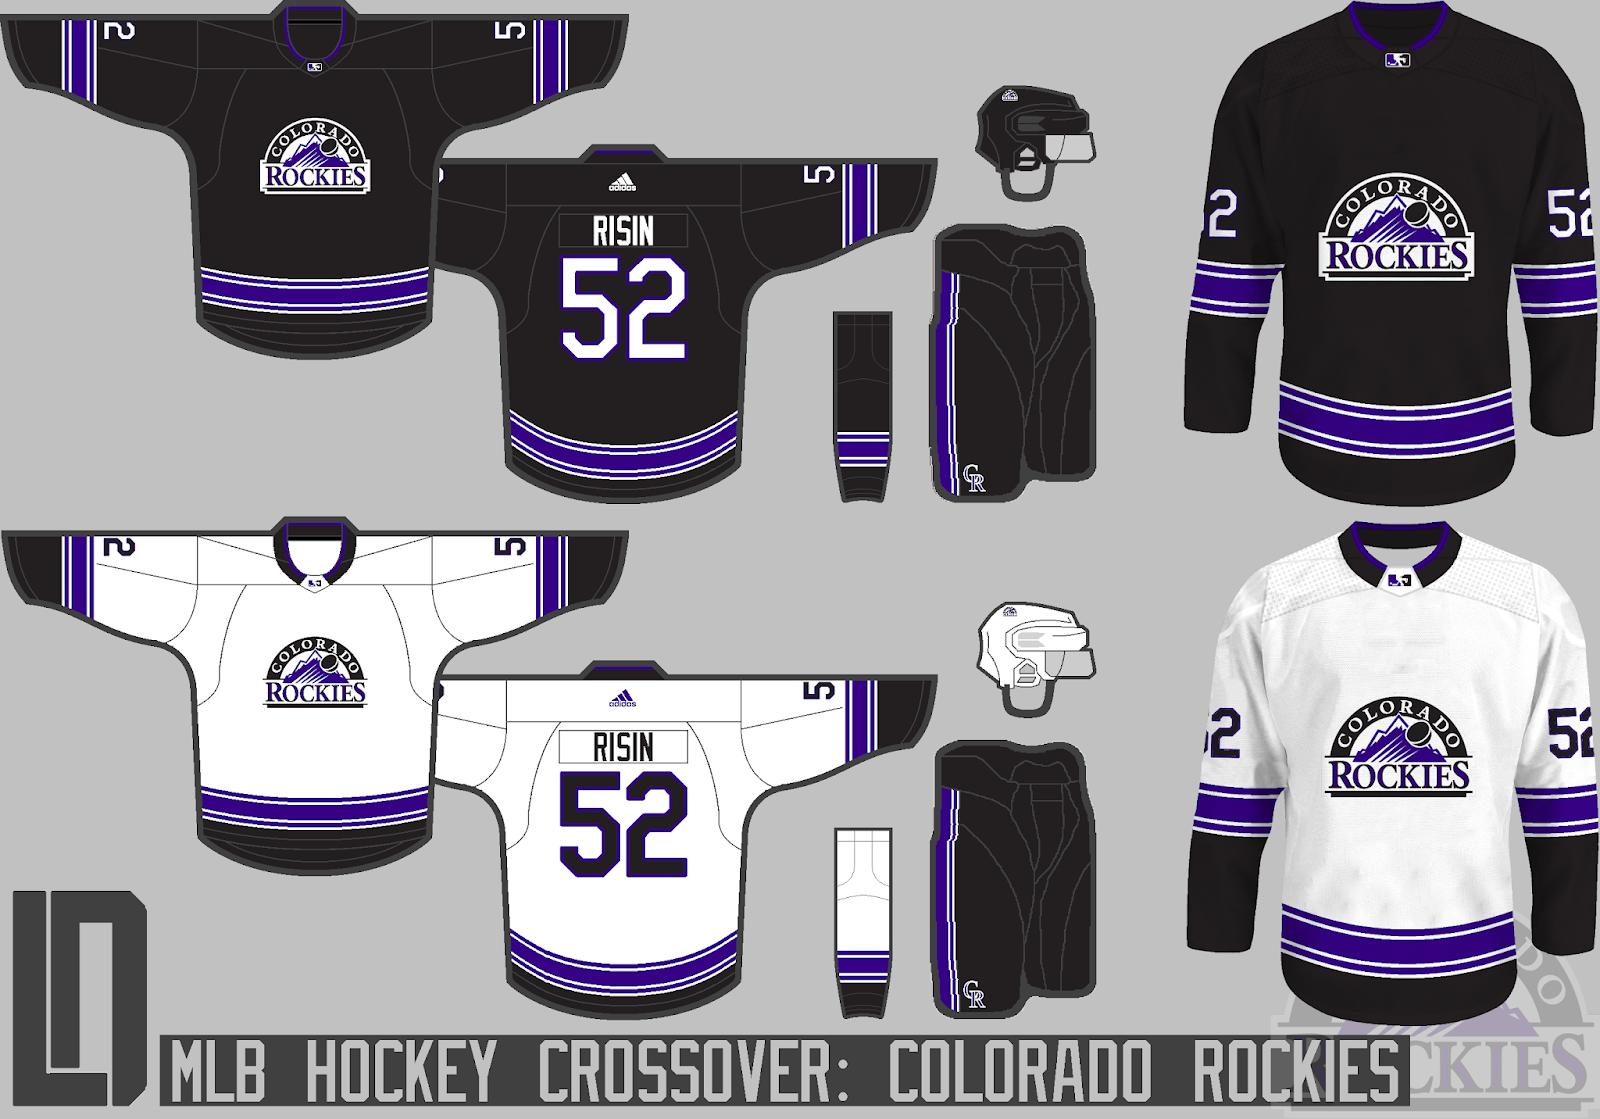 Colorado+Rockies+Concept.png